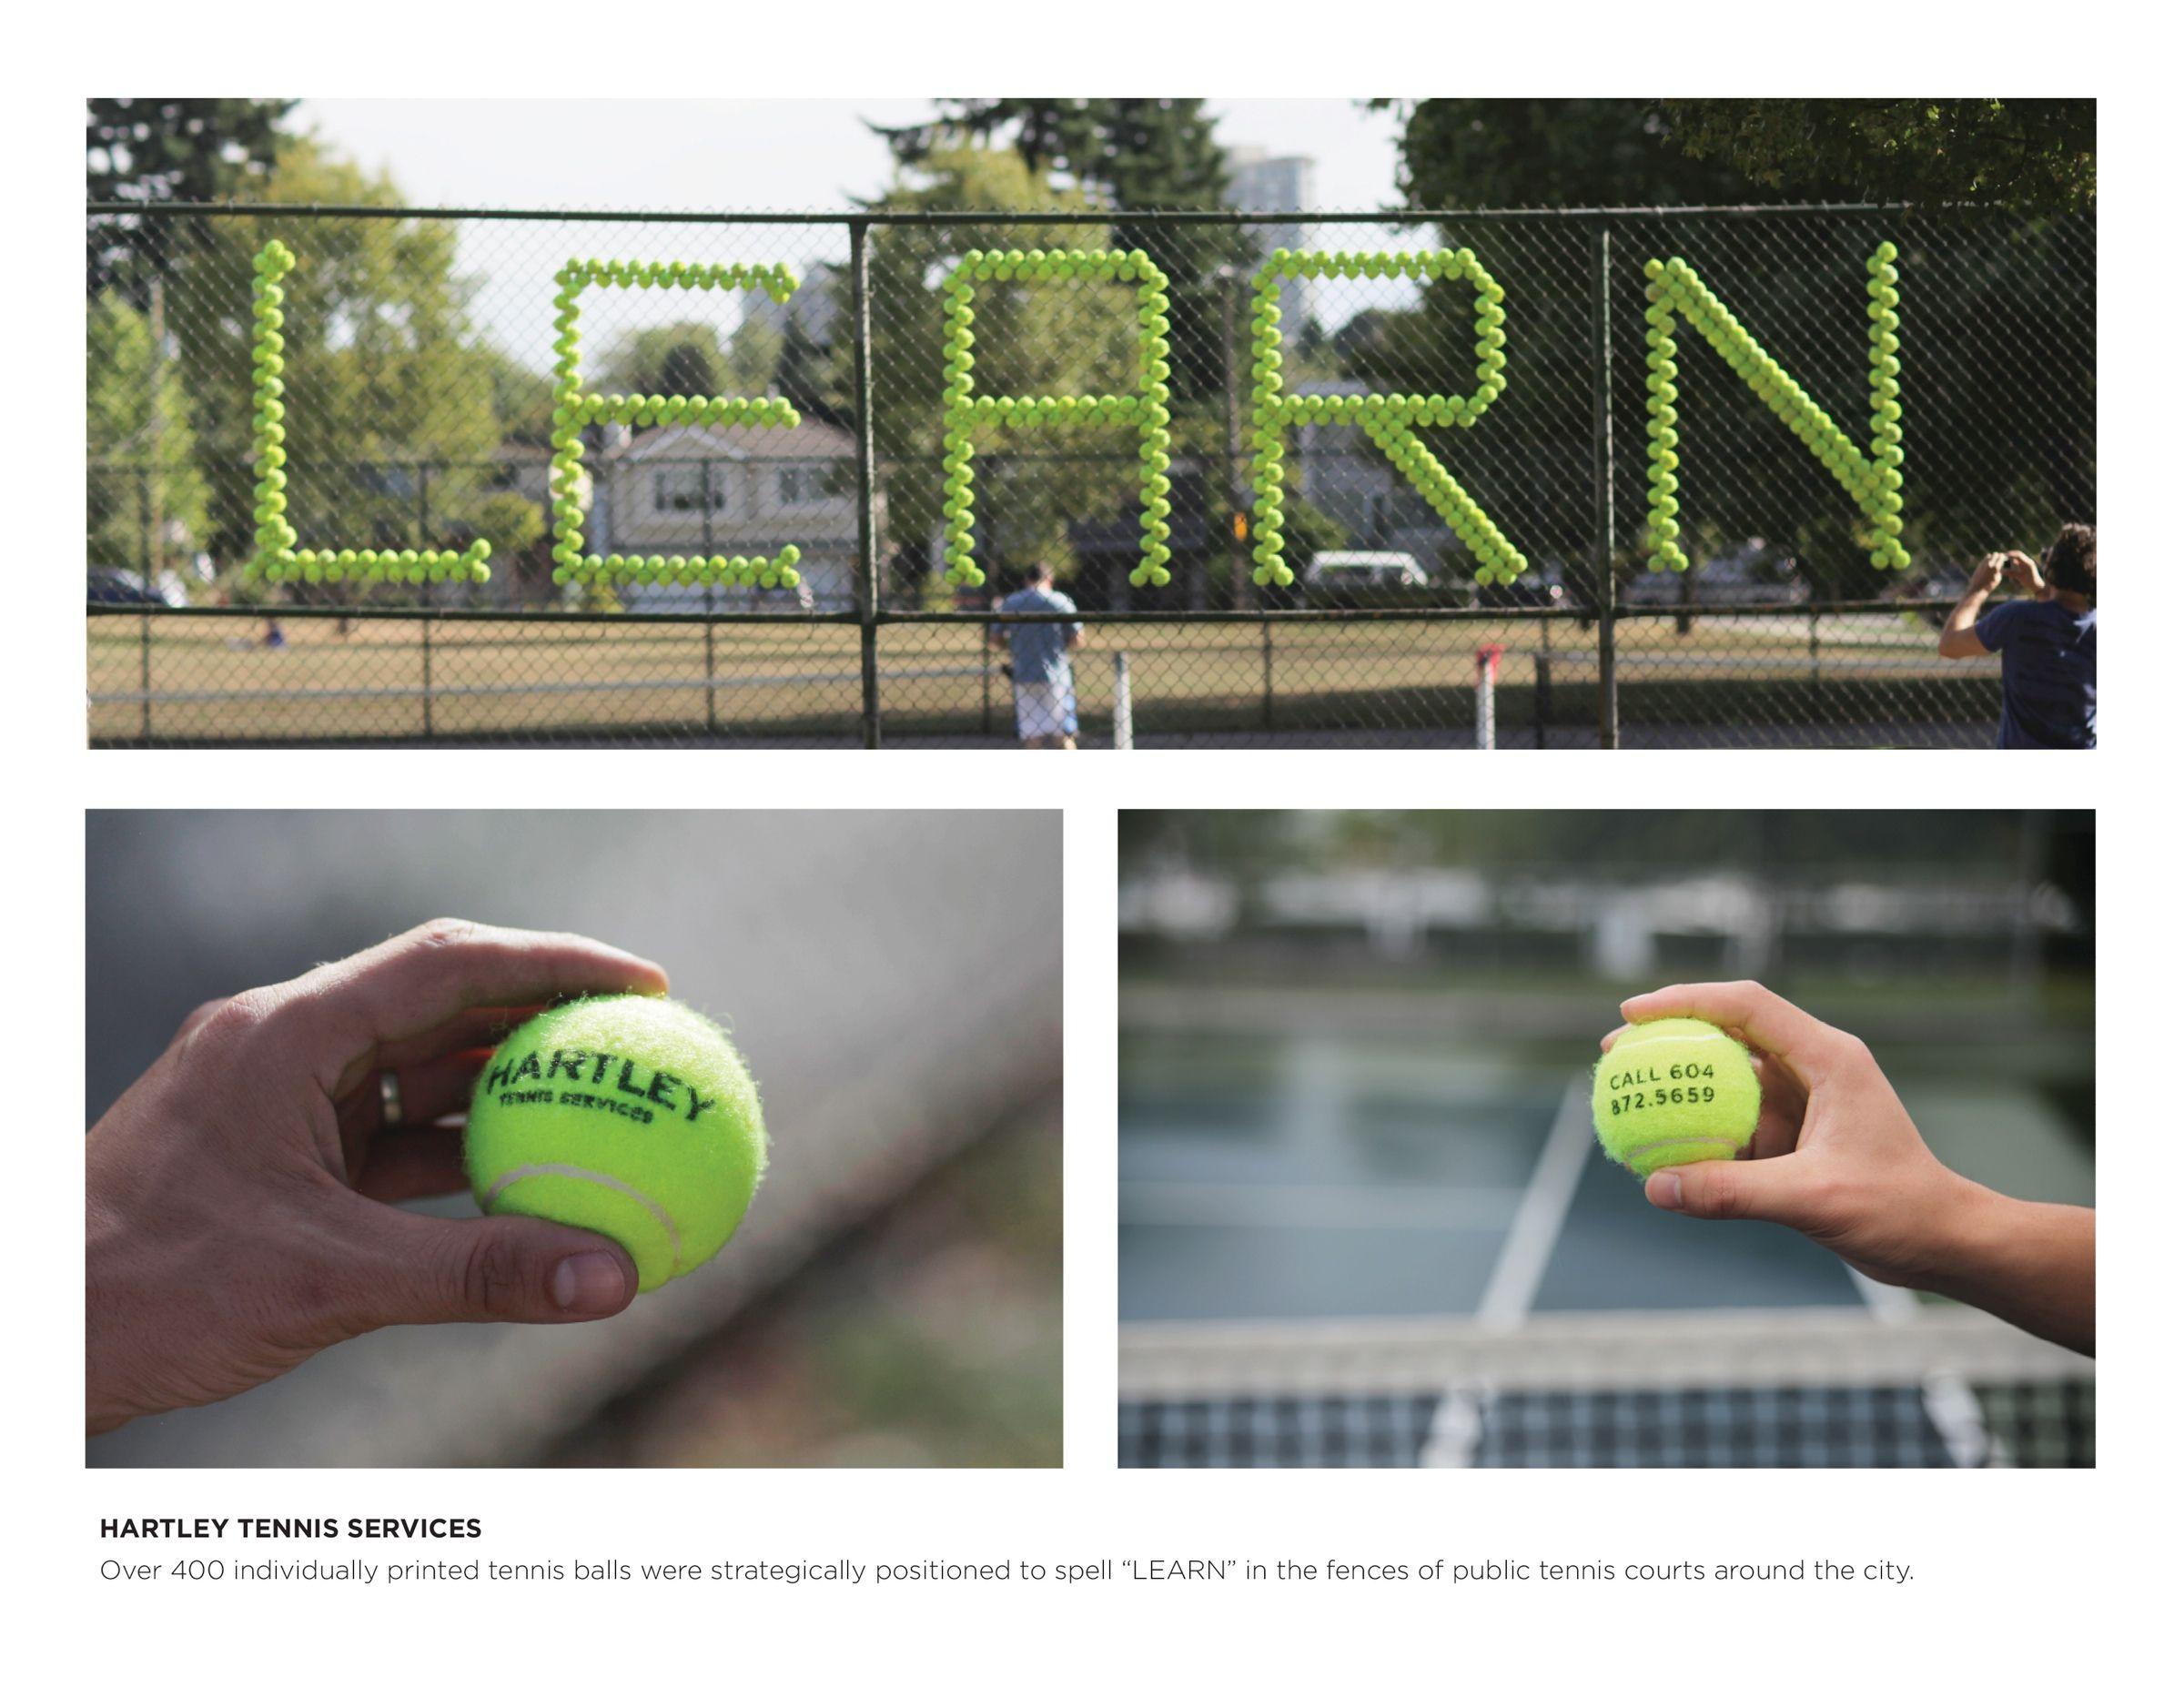 new arrival d908a 58407 Wizytówka na piłce dotrze do (rakiety) każdego tenisisty ...